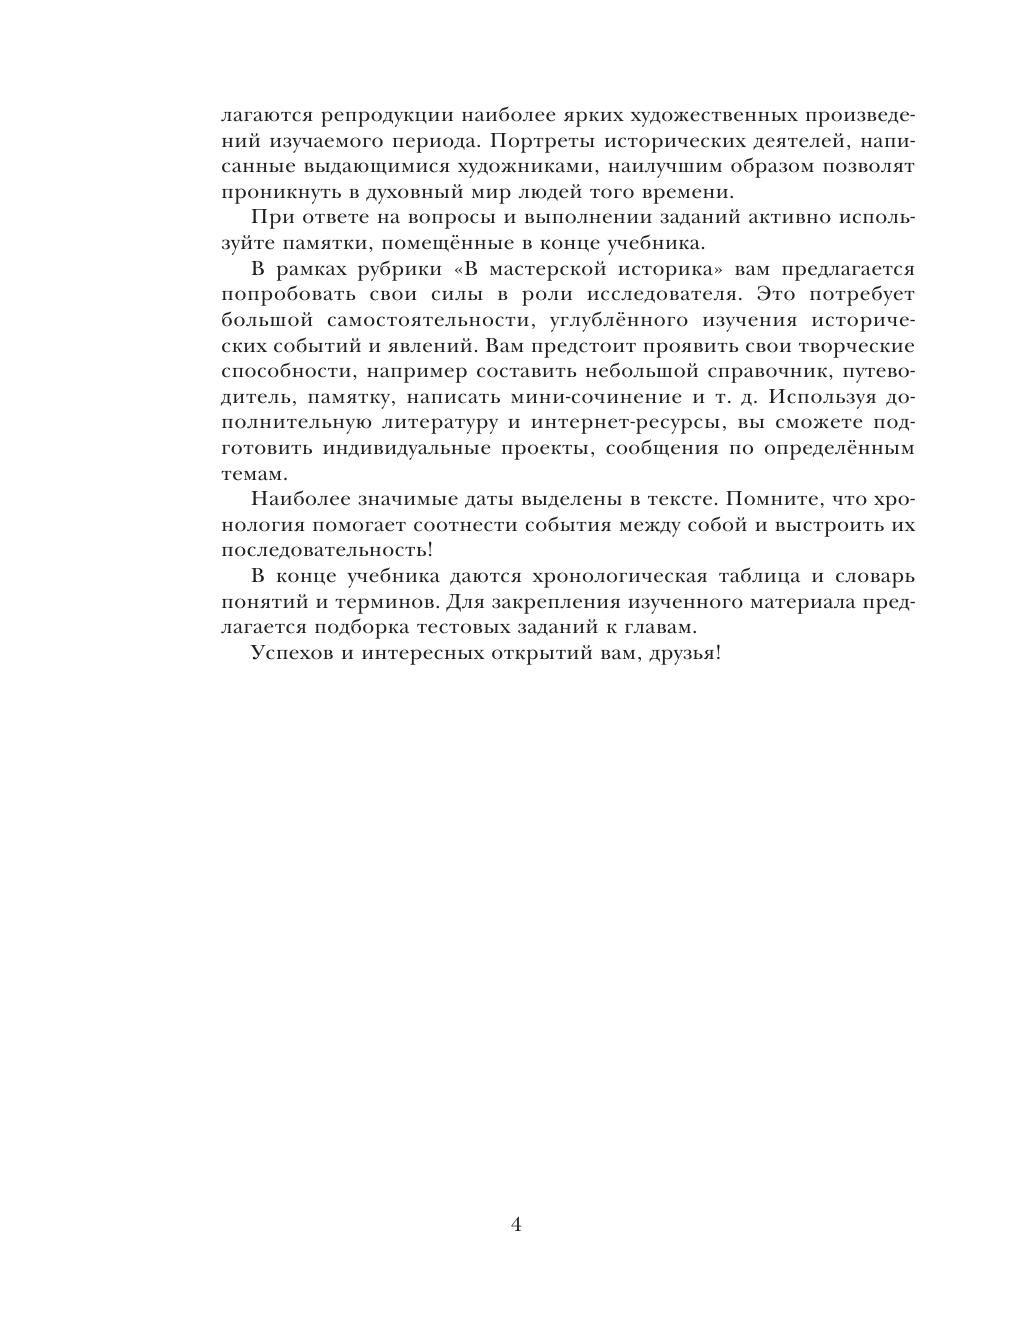 Тесты по истории россии xvi xviii веков 7 класс т.п.андреевская